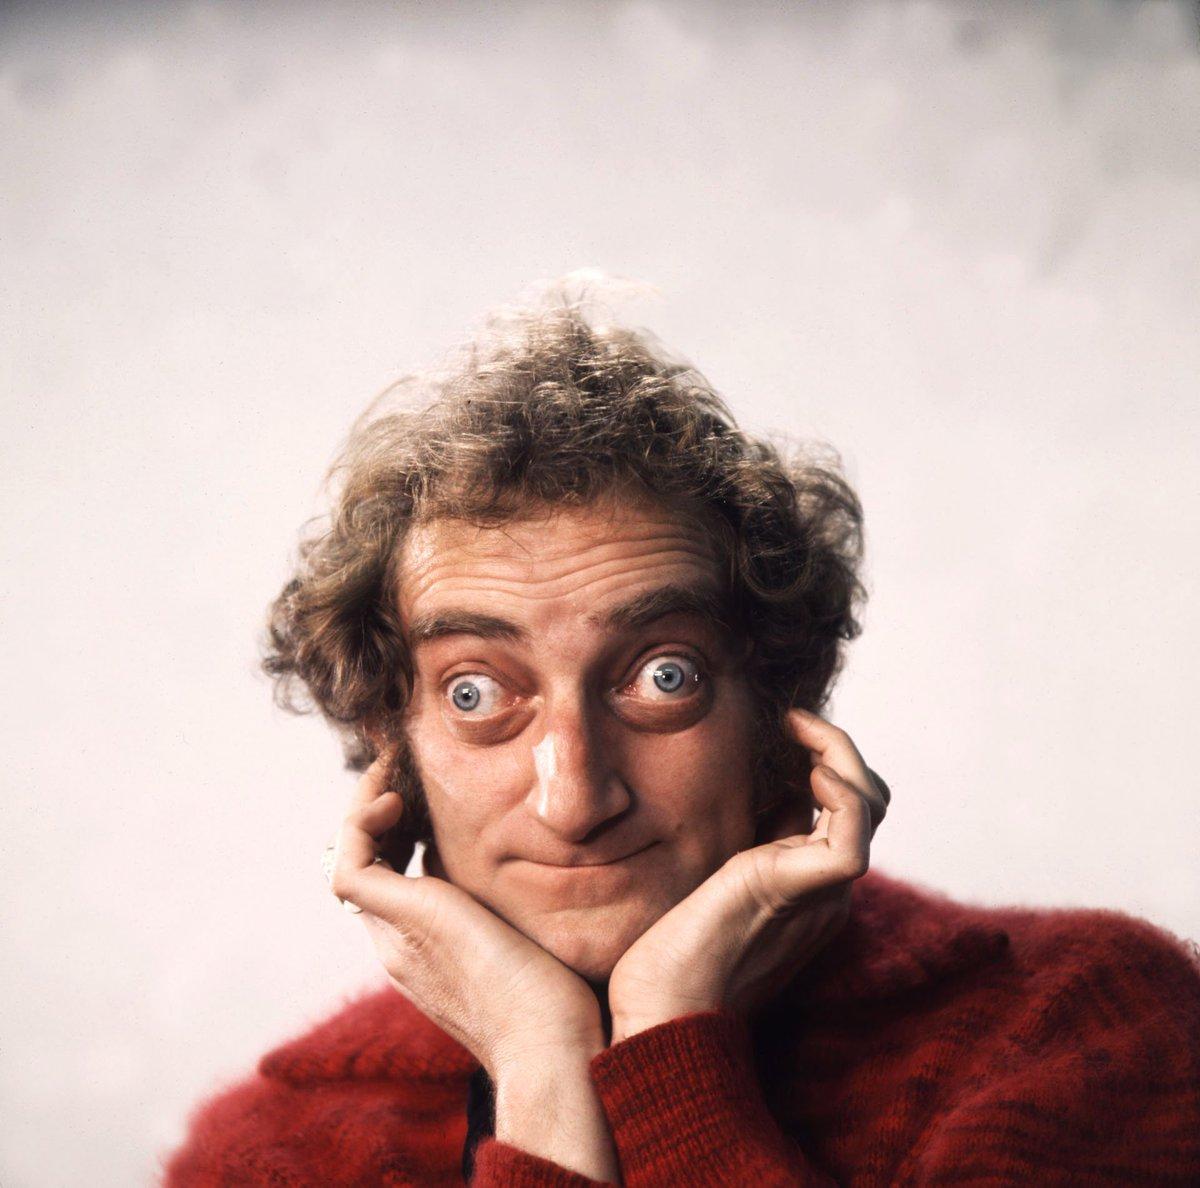 Marty Feldman Eyes Wwwtollebildcom